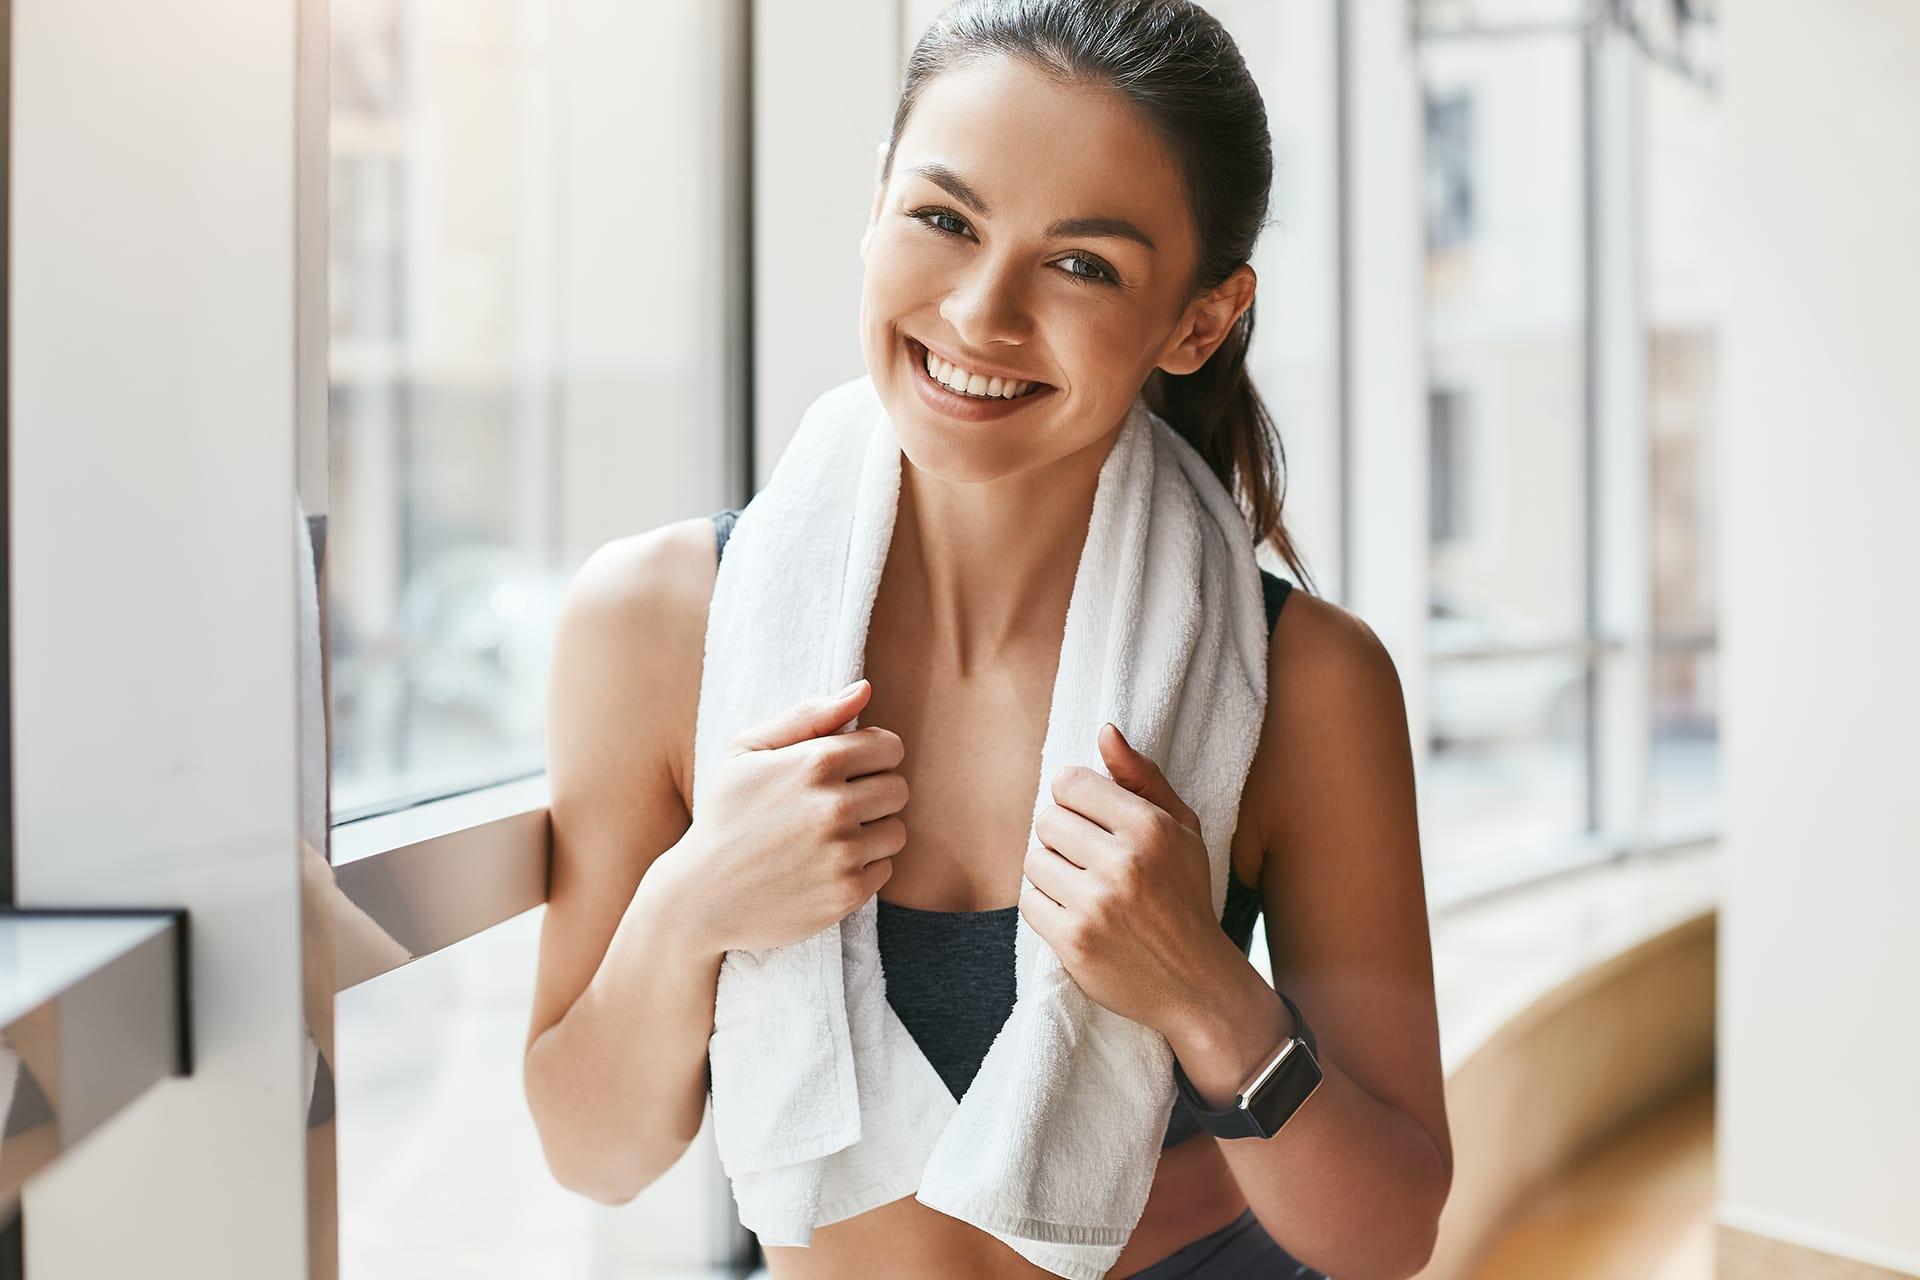 Scheidenflora aufbauen: Frau macht Sport und sollte hinterher die Kleidung wechseln.